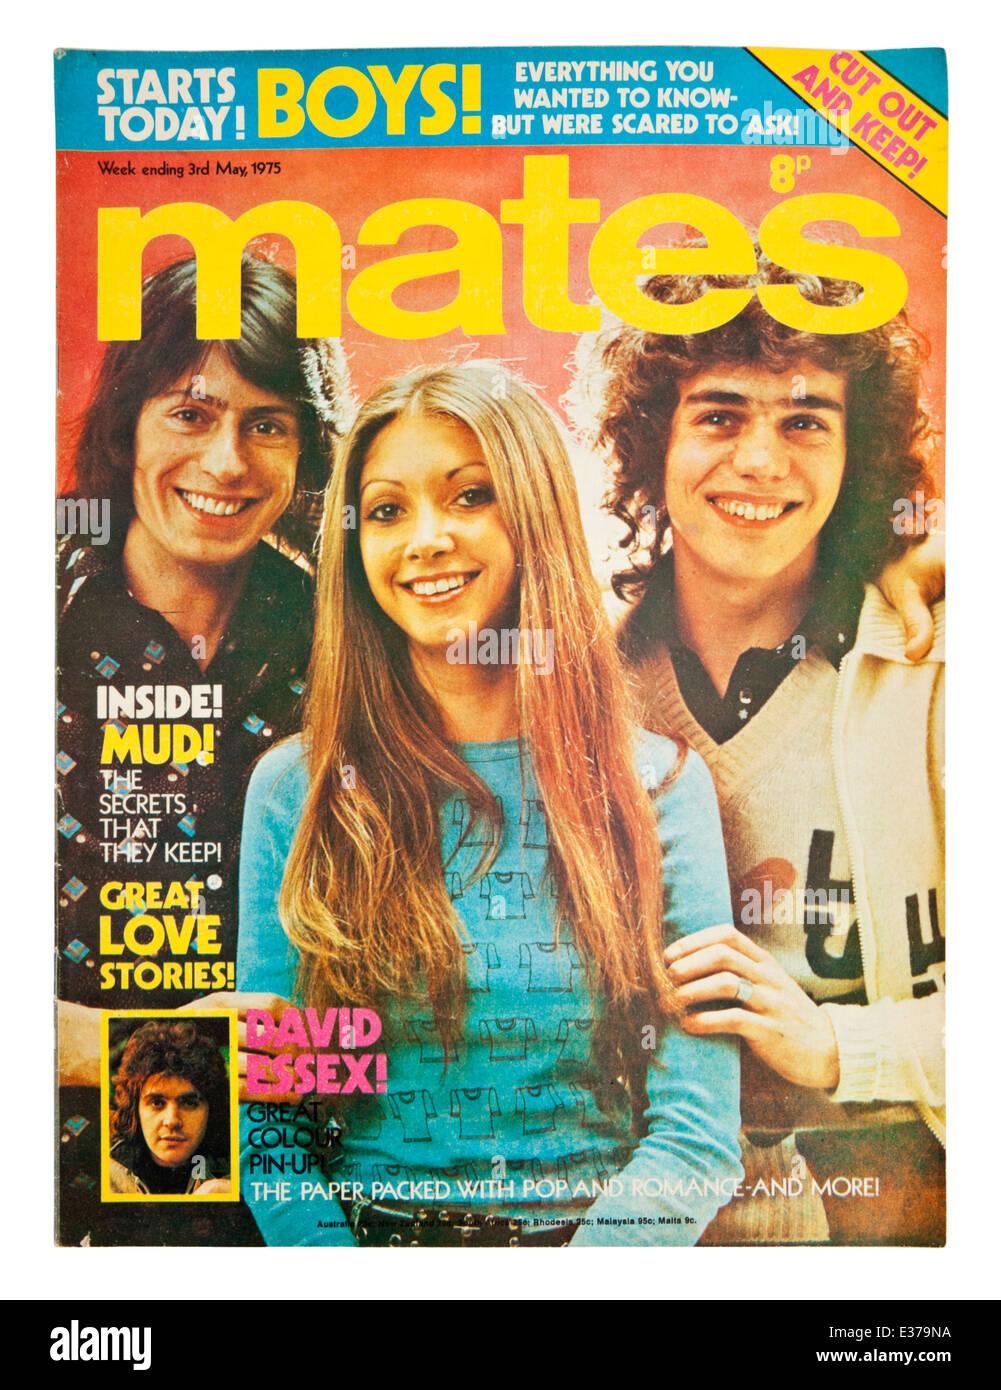 Vintage copie de 'Mates', un hebdomadaire britannique populaire magazine ados à partir du milieu des Photo Stock